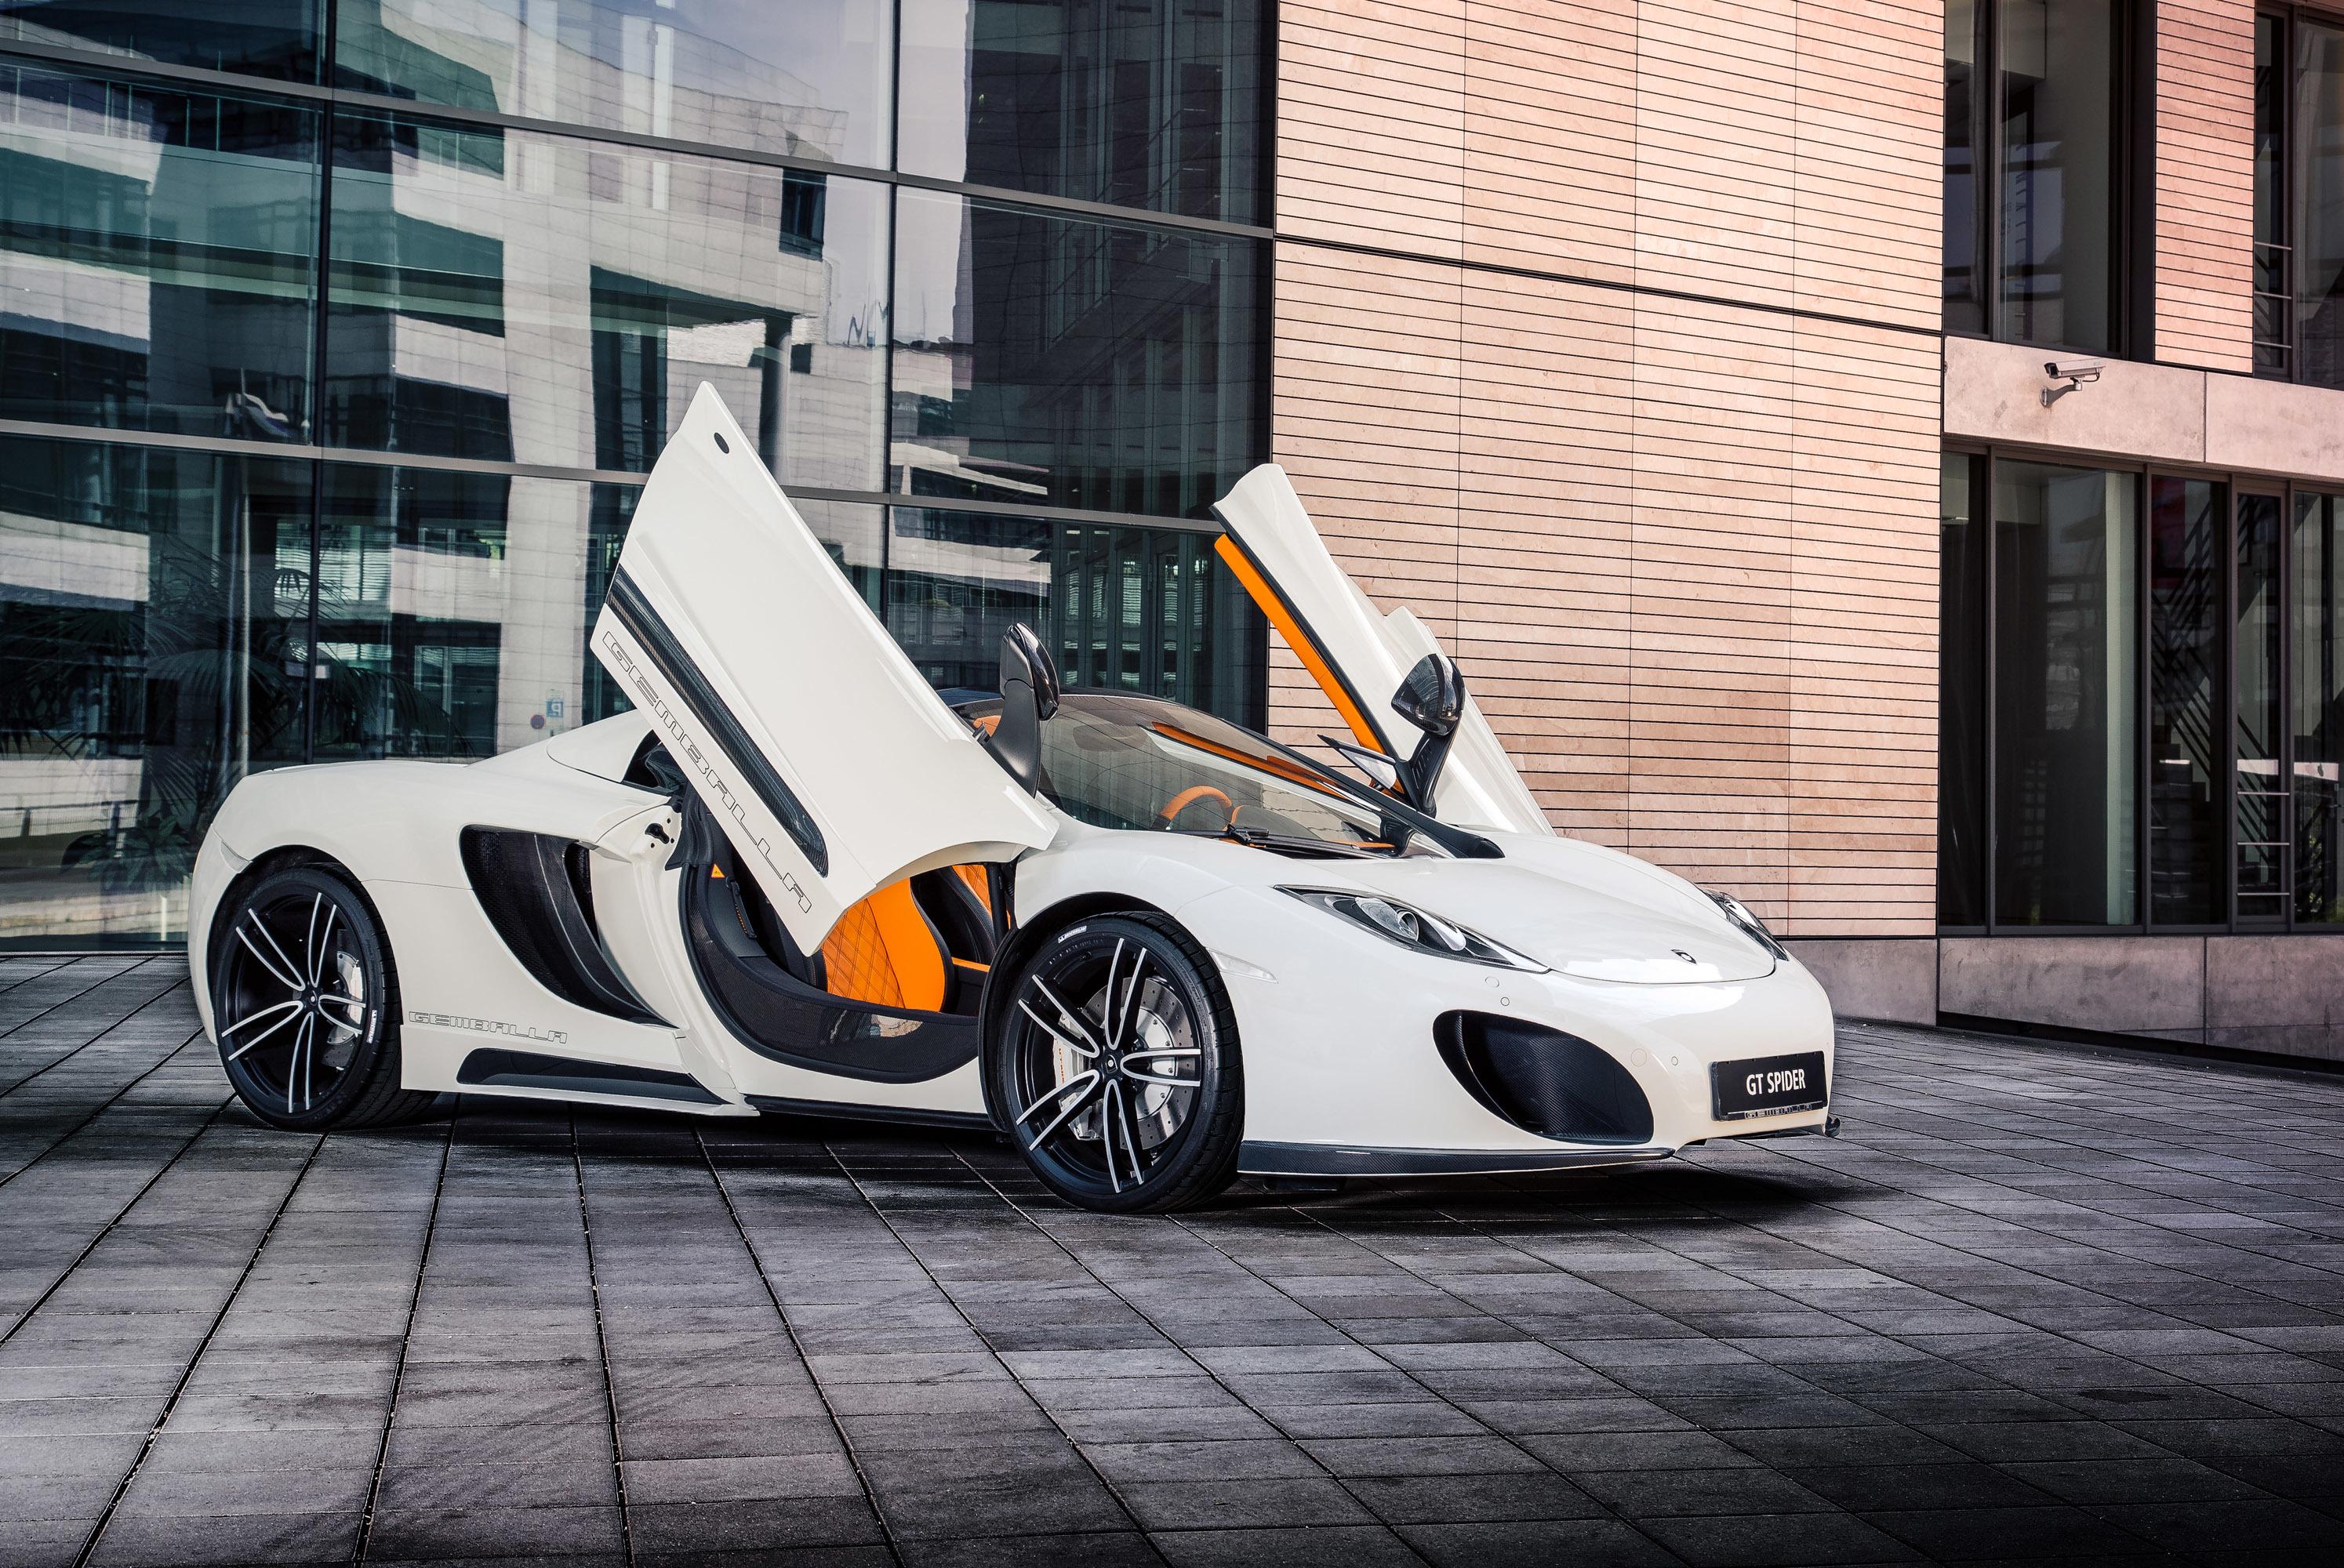 белый спортивный автомобиль mclaren white sports car  № 996004 бесплатно